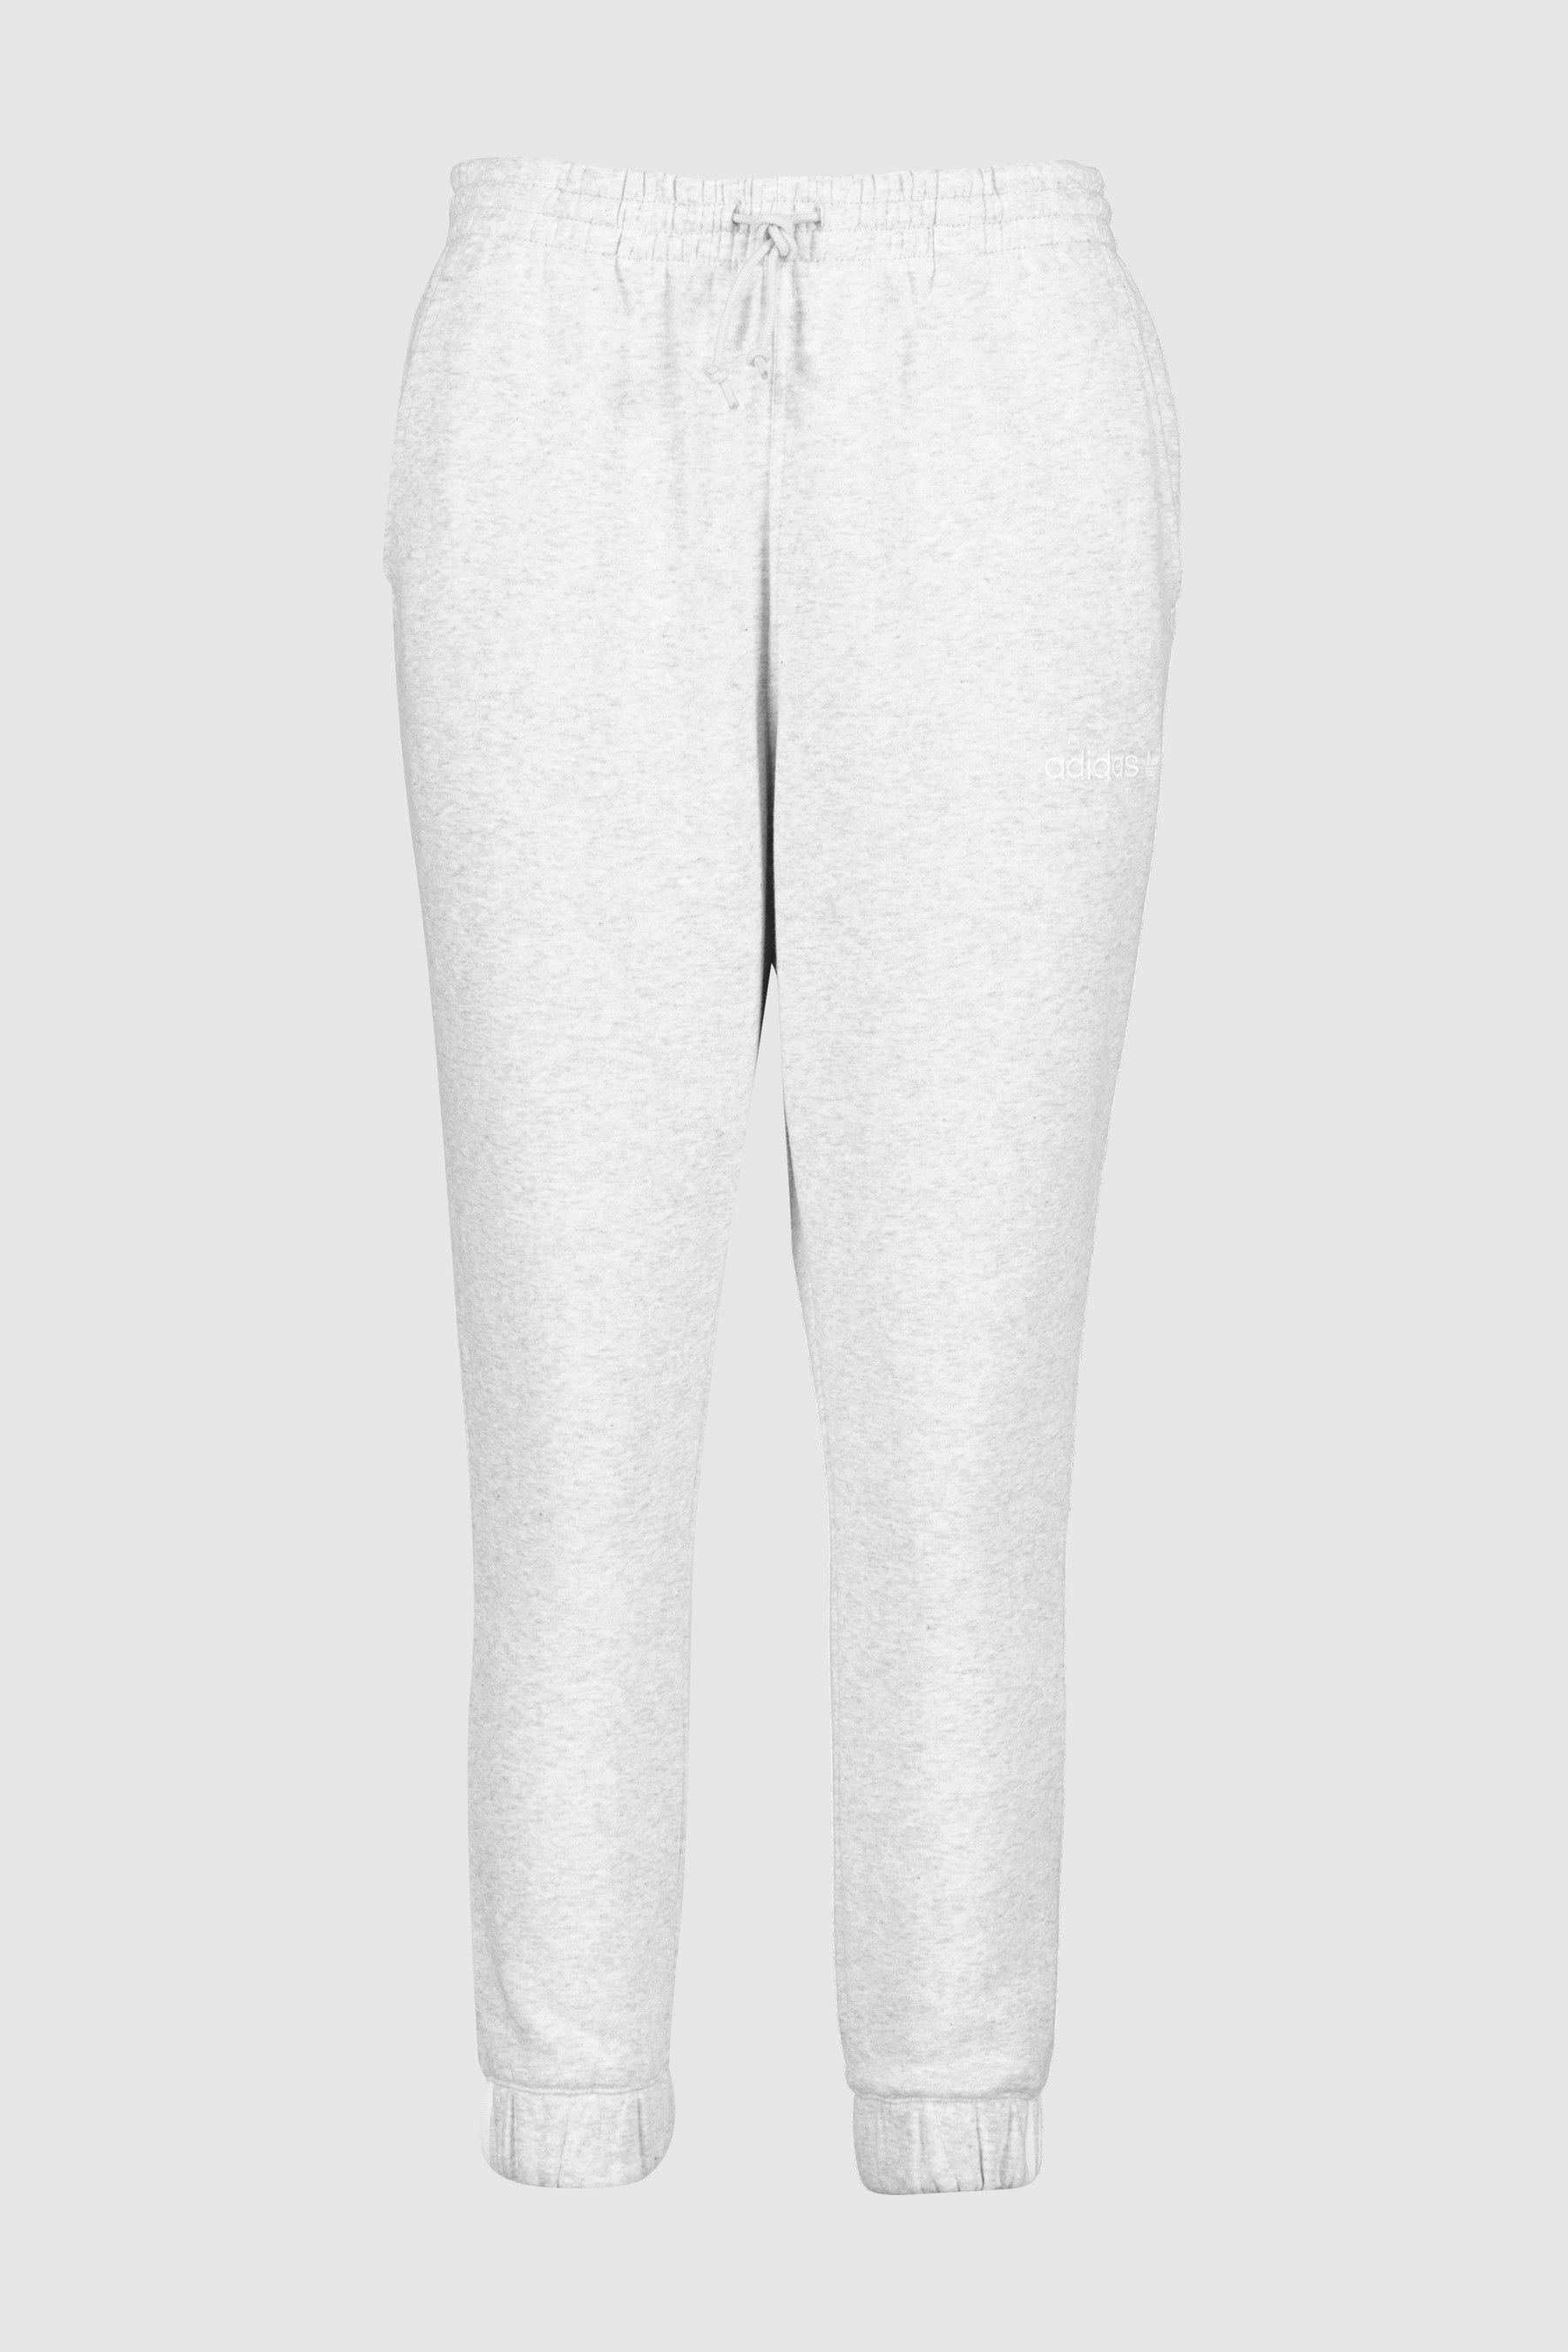 the best attitude ec428 d6f1a Womens adidas Originals Coeeze Jogger - Grey